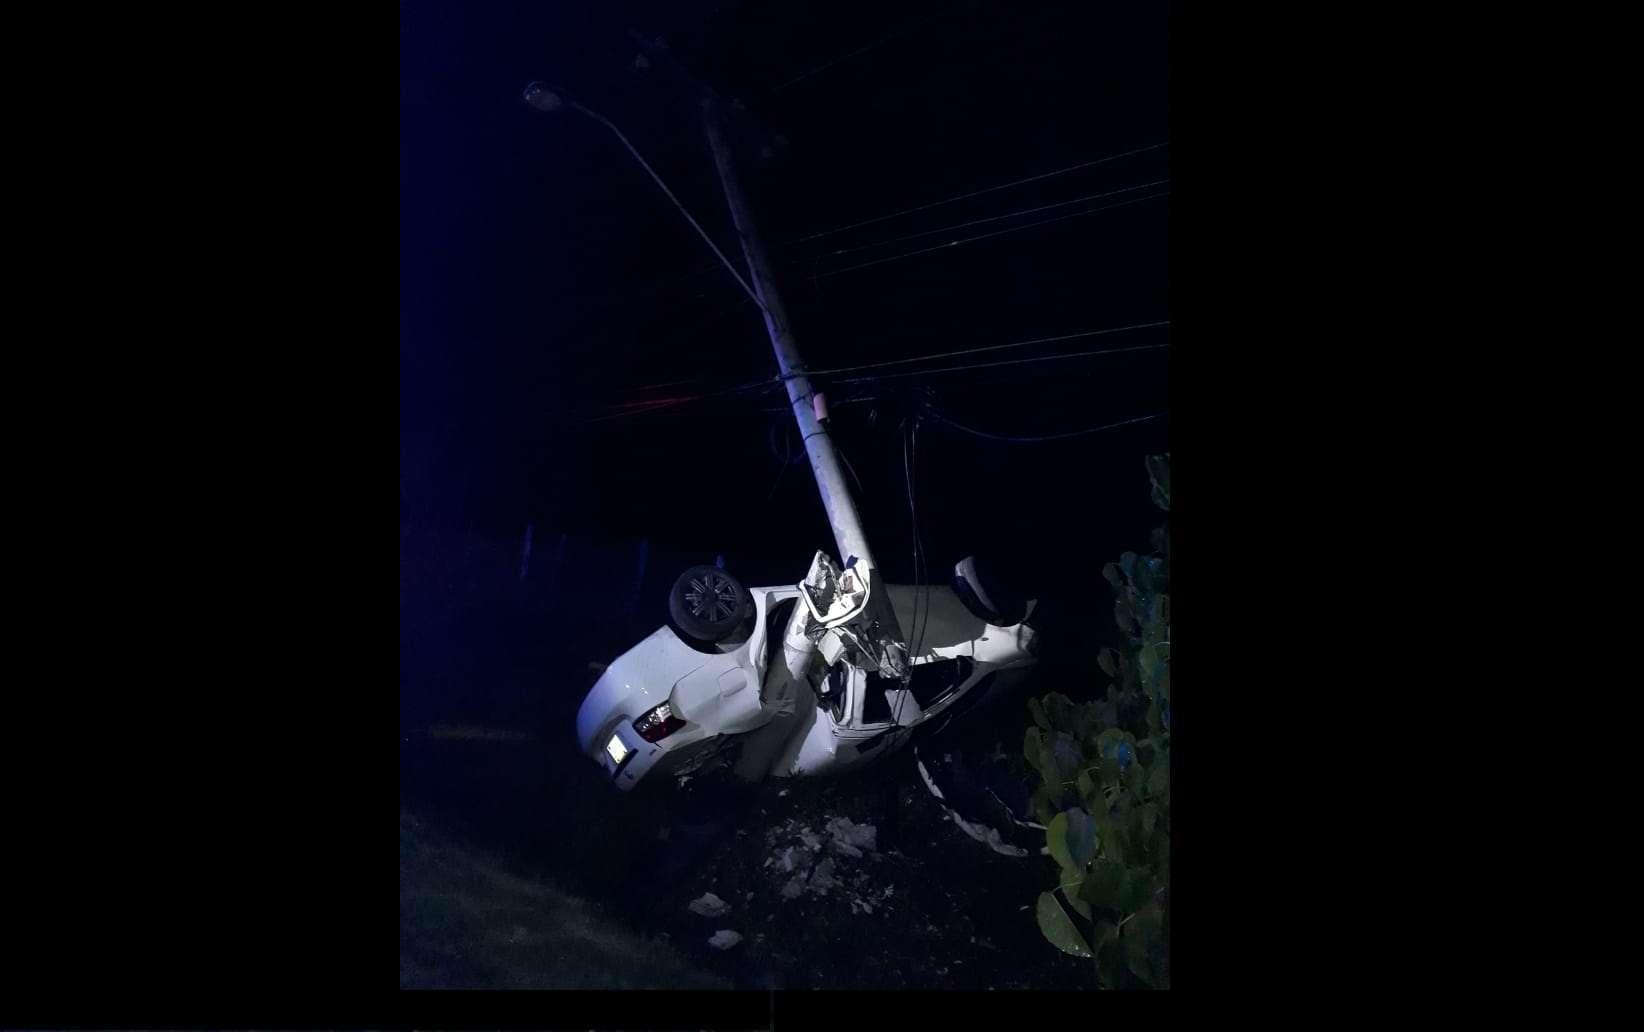 Vista general de como quedó el vehículo tras partir el poste de electricidad. Foto: @TraficoCPanama